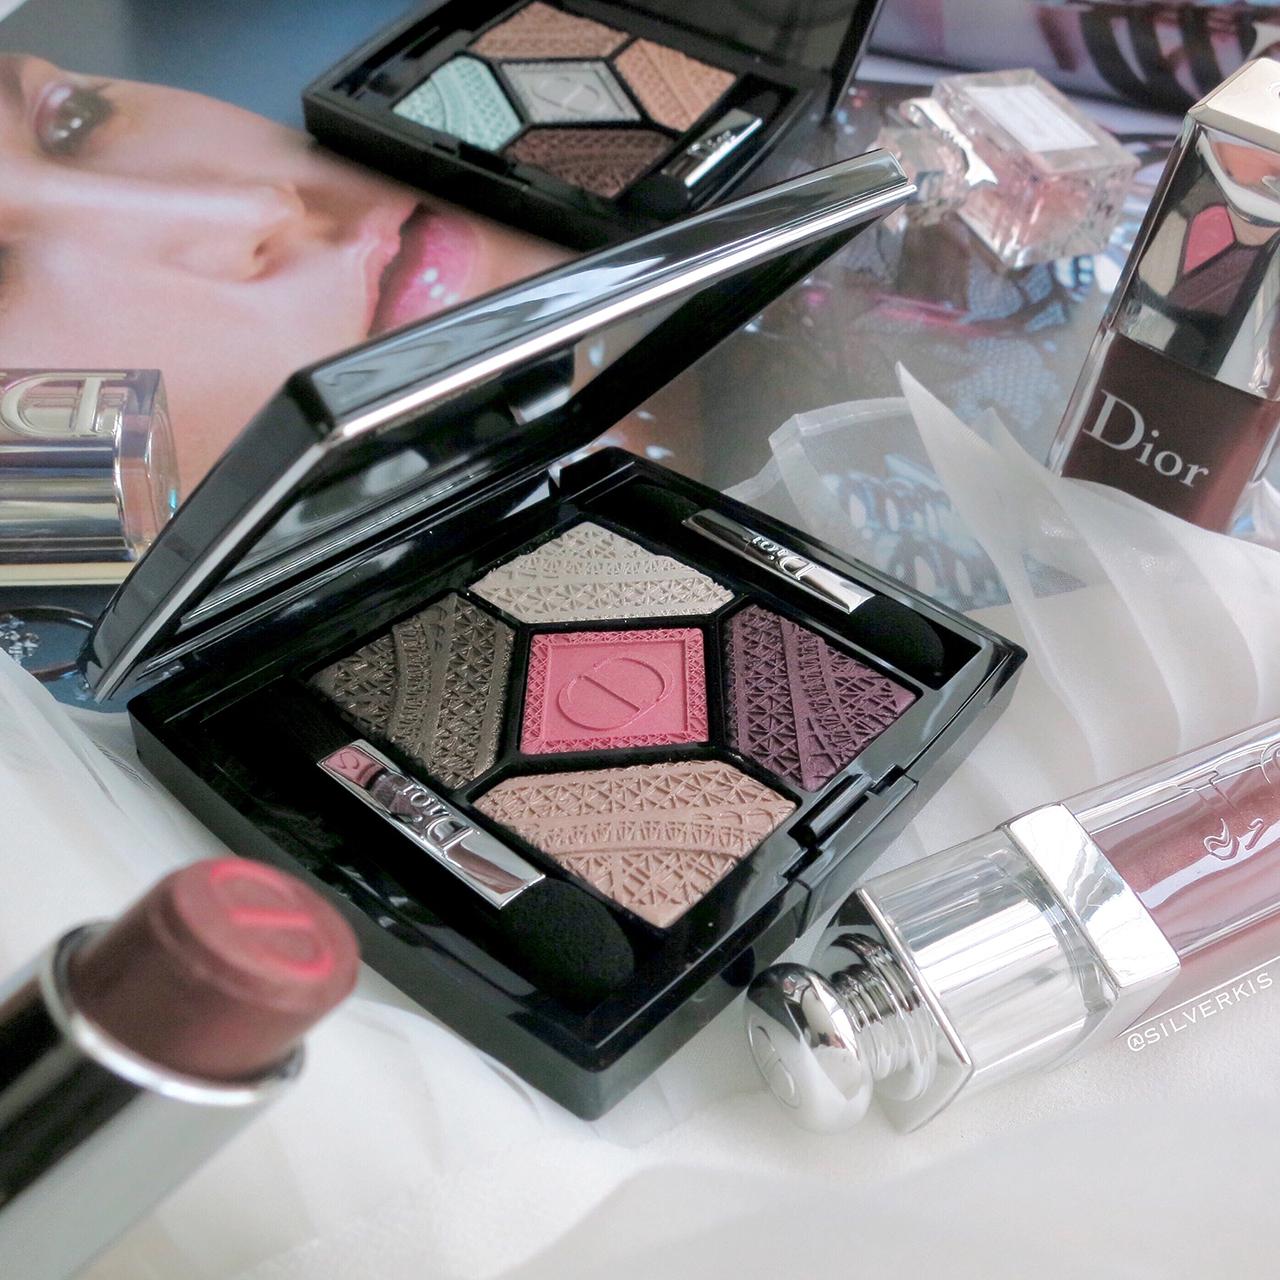 Dior Fall 2016 makeup